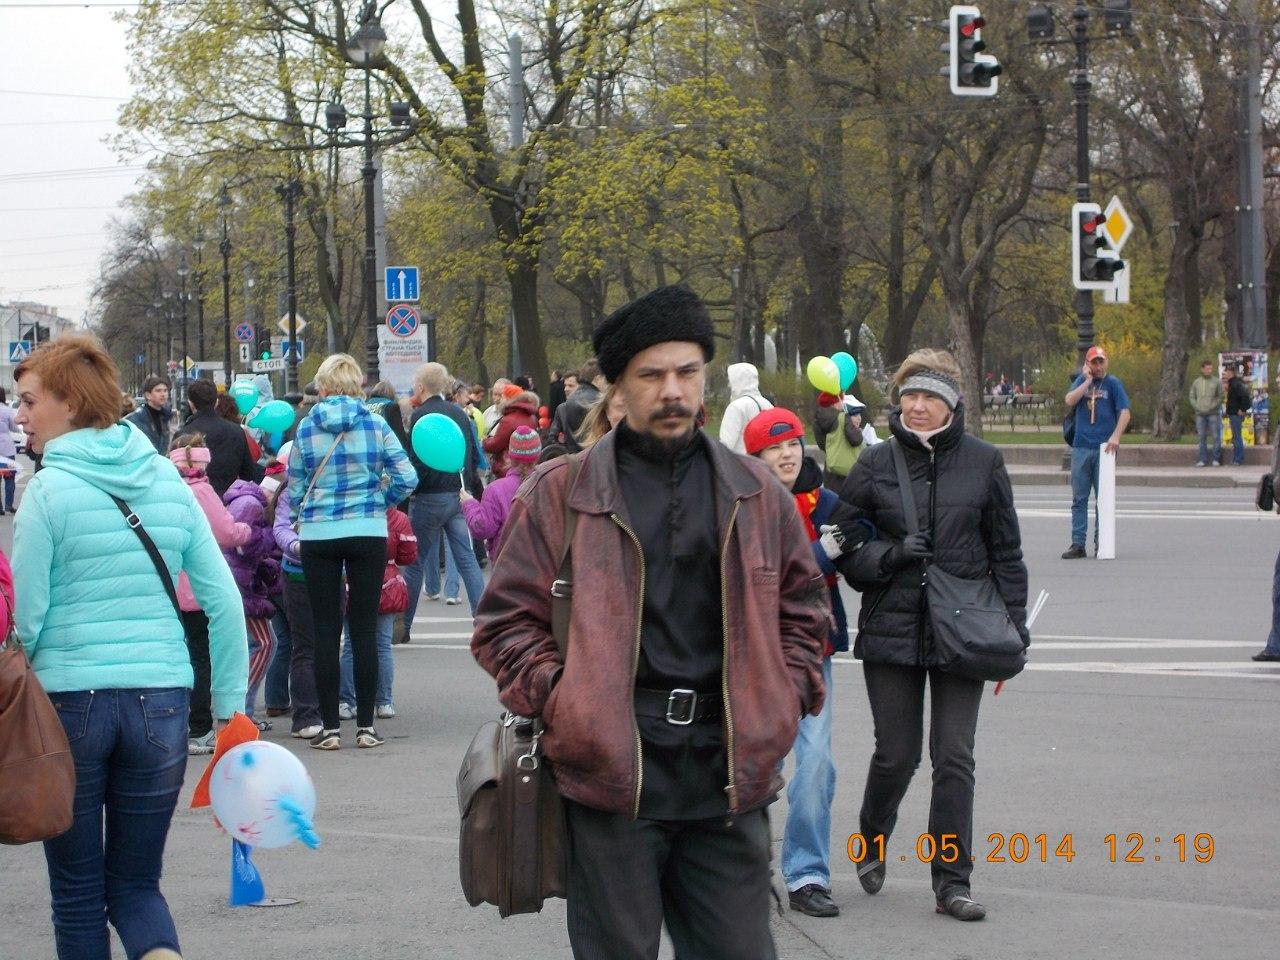 Центр физкультуры Фрунзенского района. Первомайская демонстрация солидарности трудящихся.